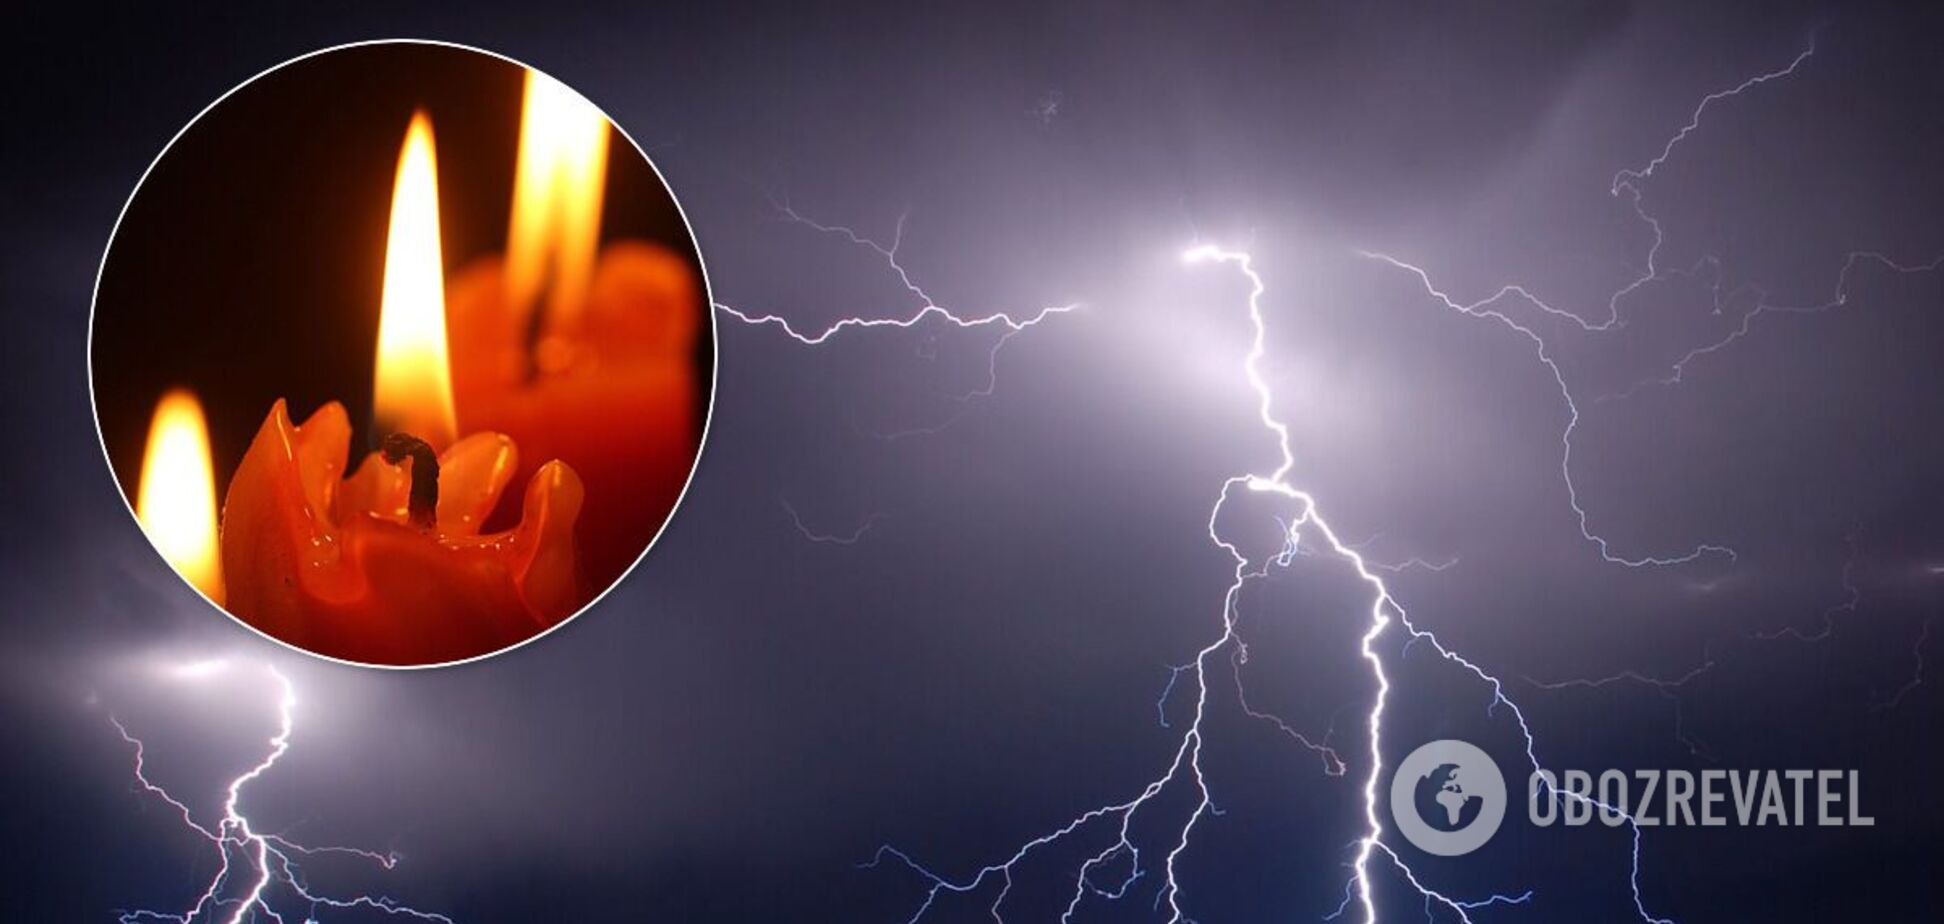 Астролог рассказал, как восстановить здоровье и загадать желания на Ильи пророка